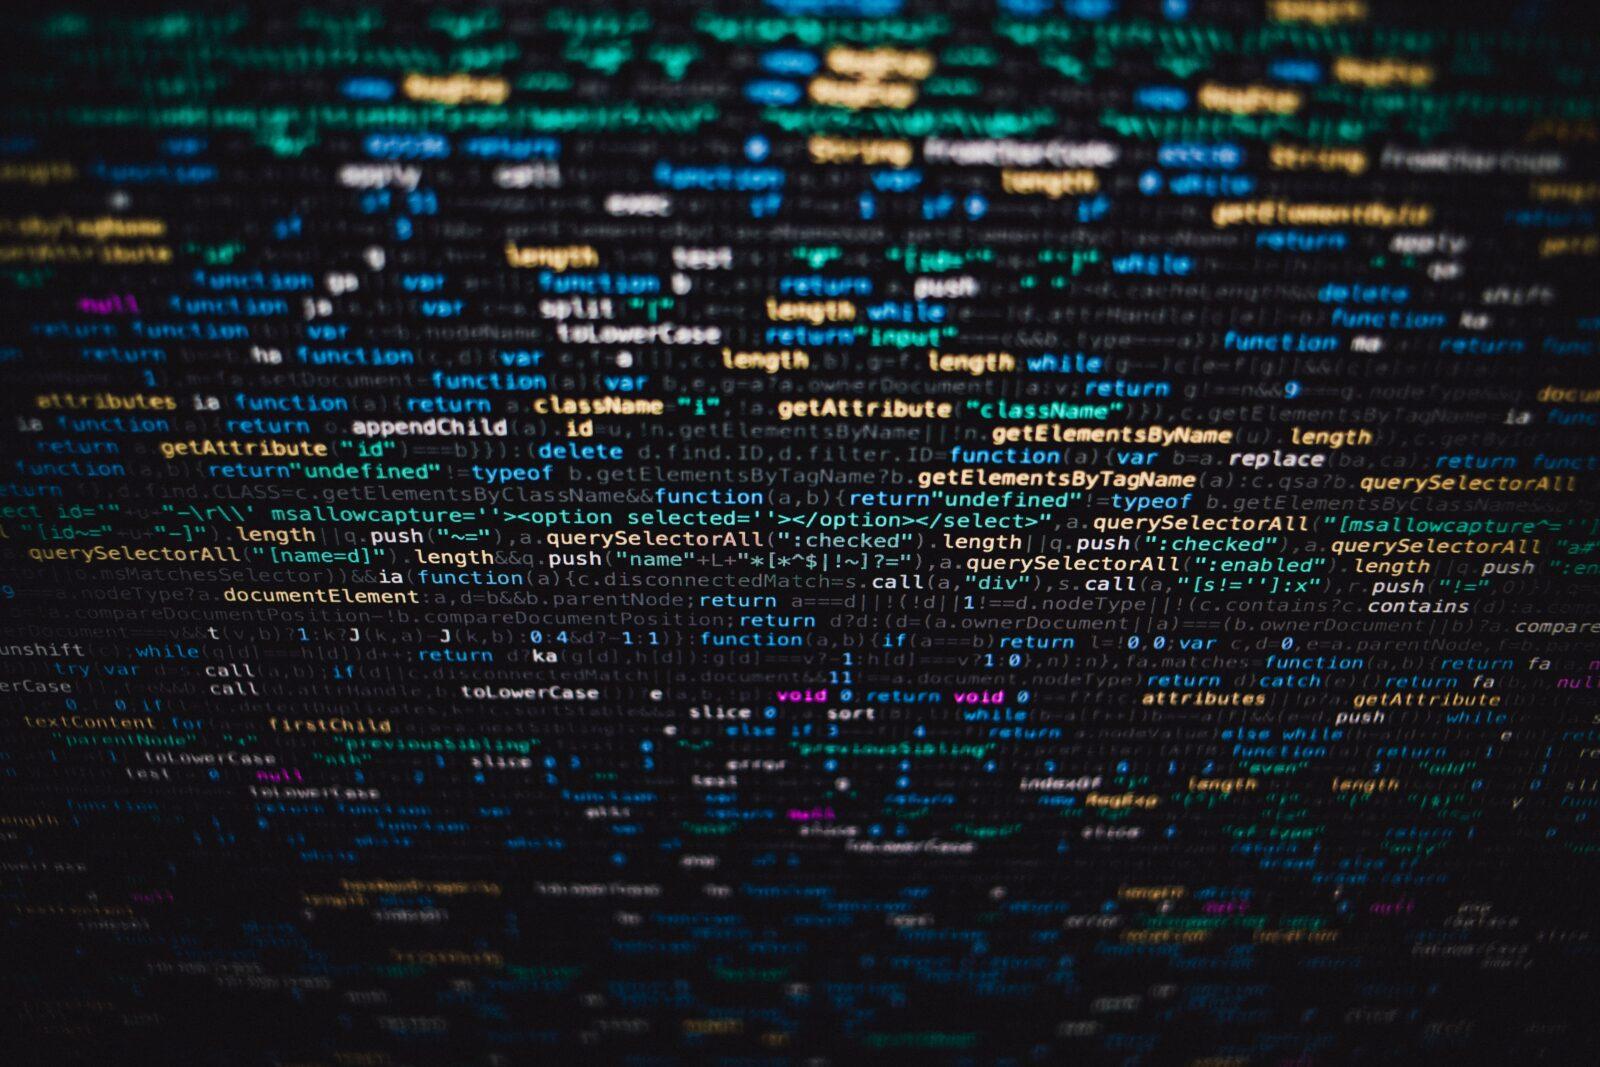 e-handel kodas